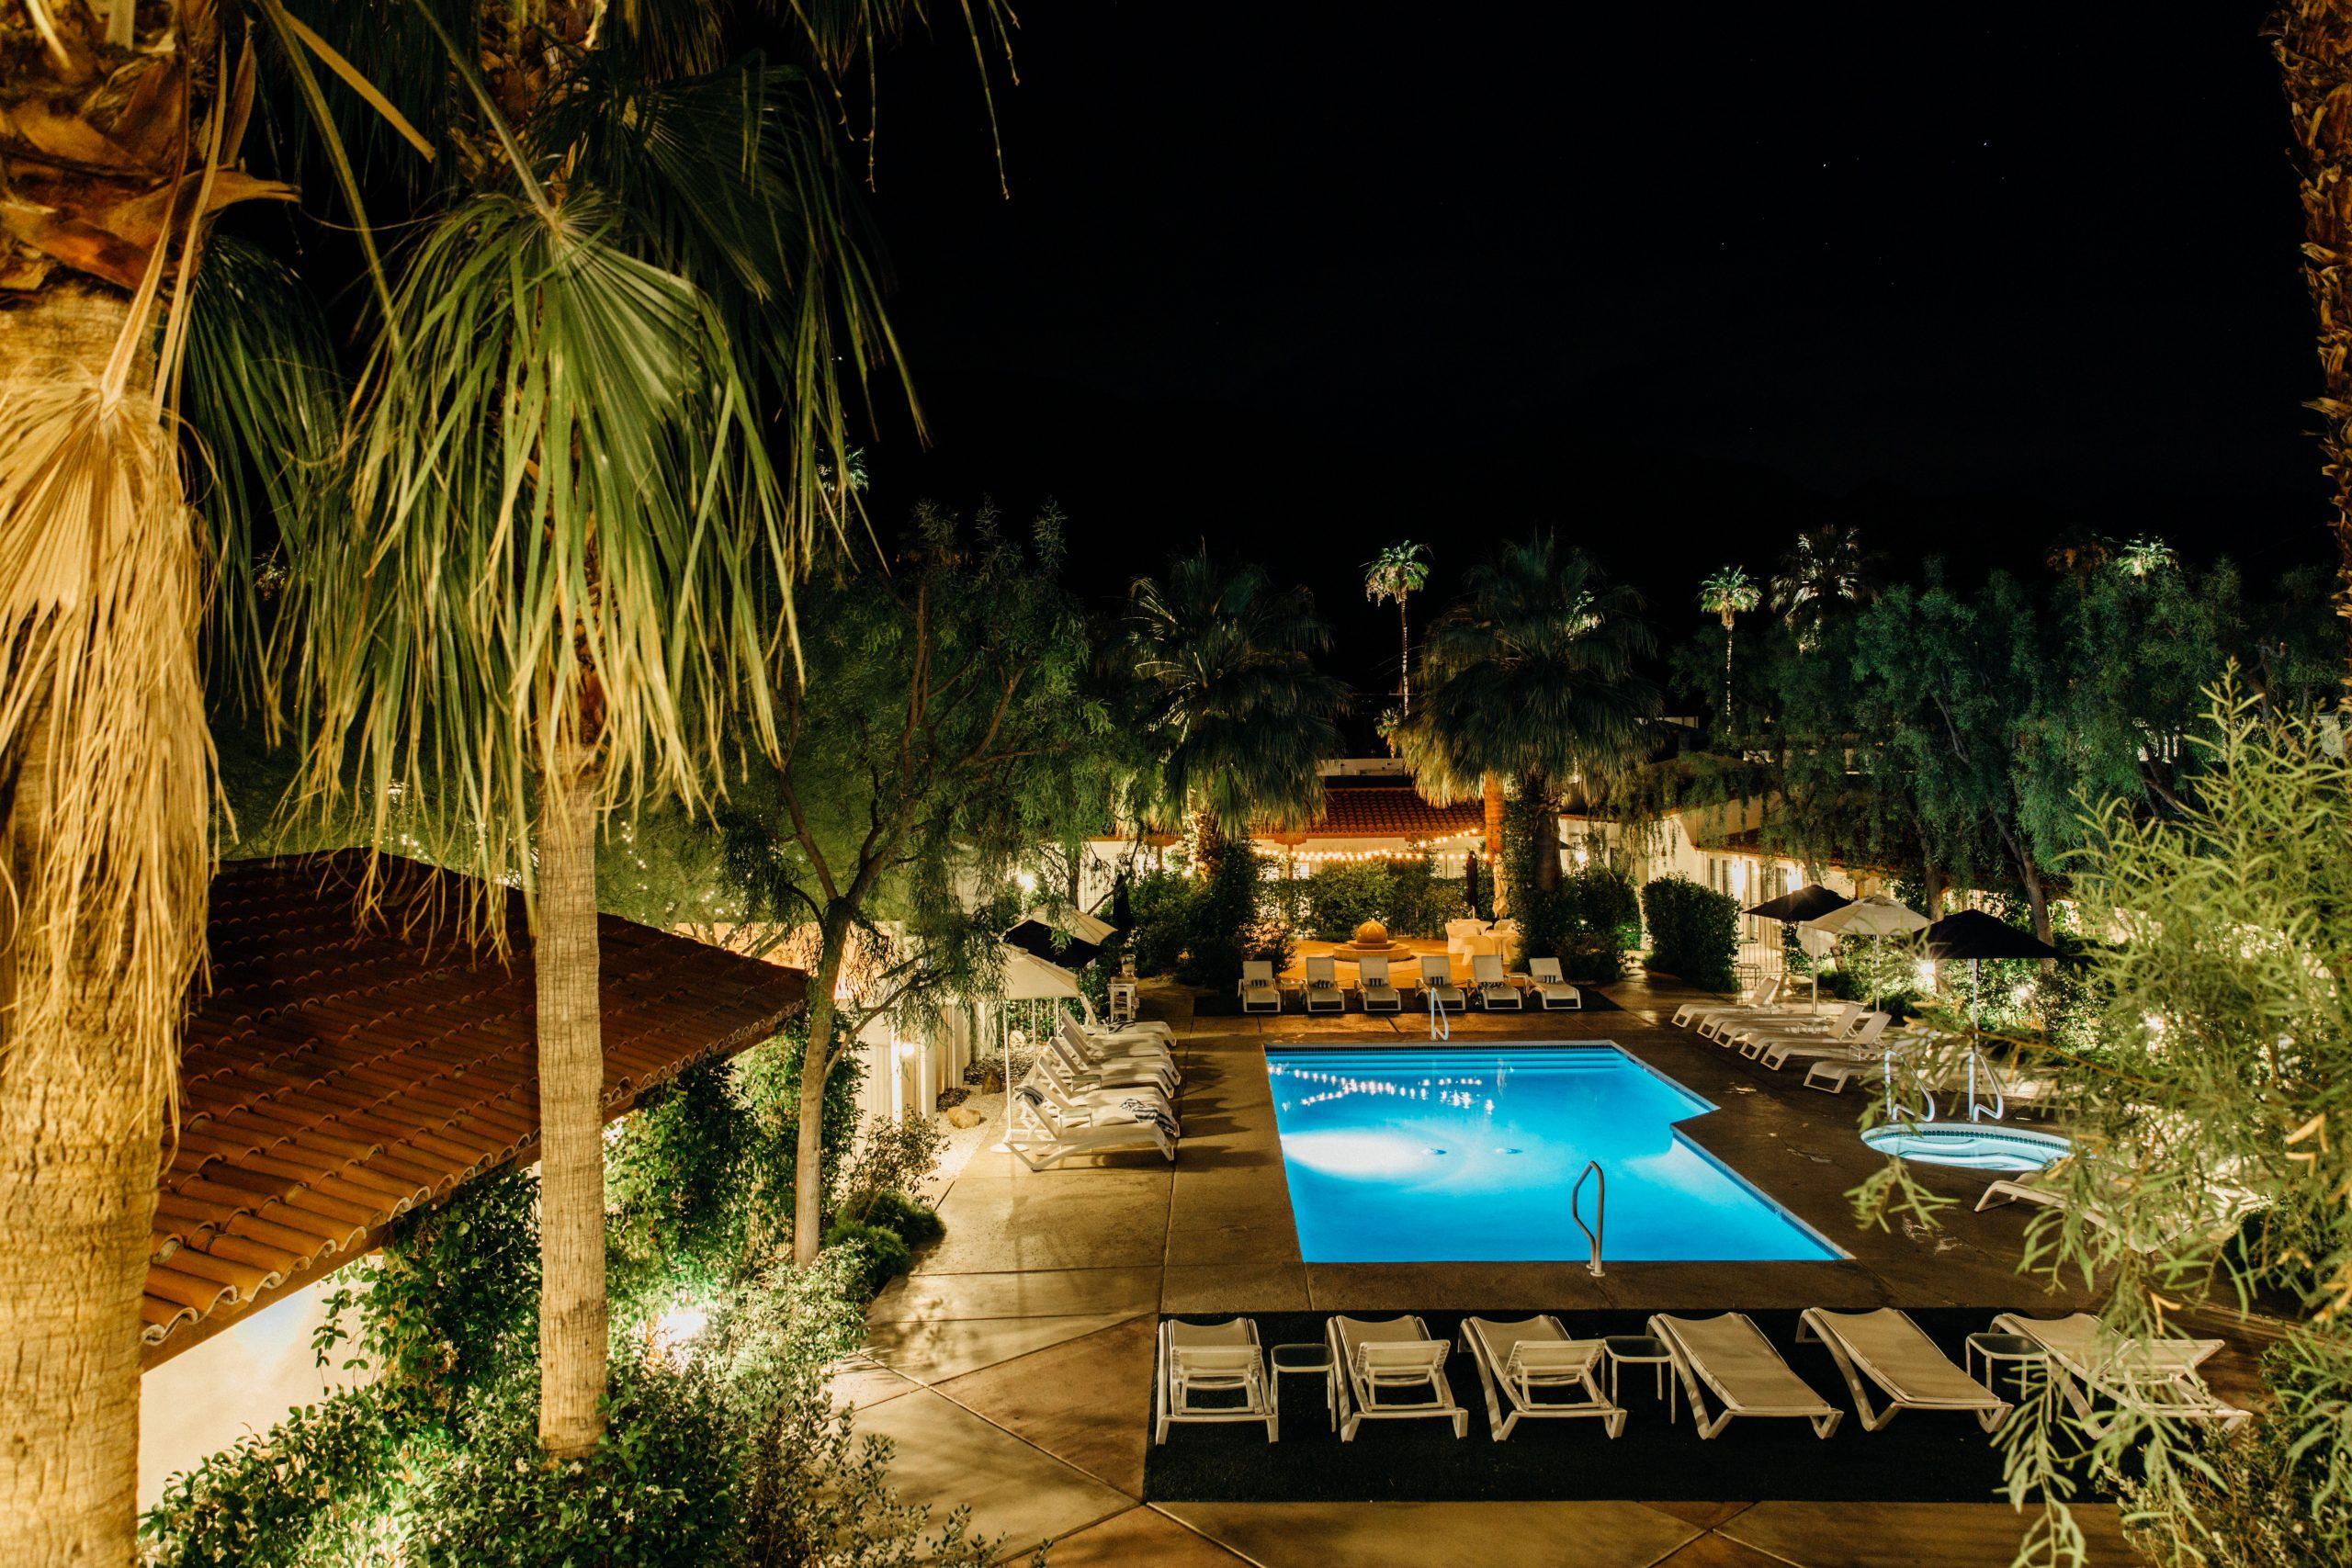 Alcazar Palm Springs hotel pool